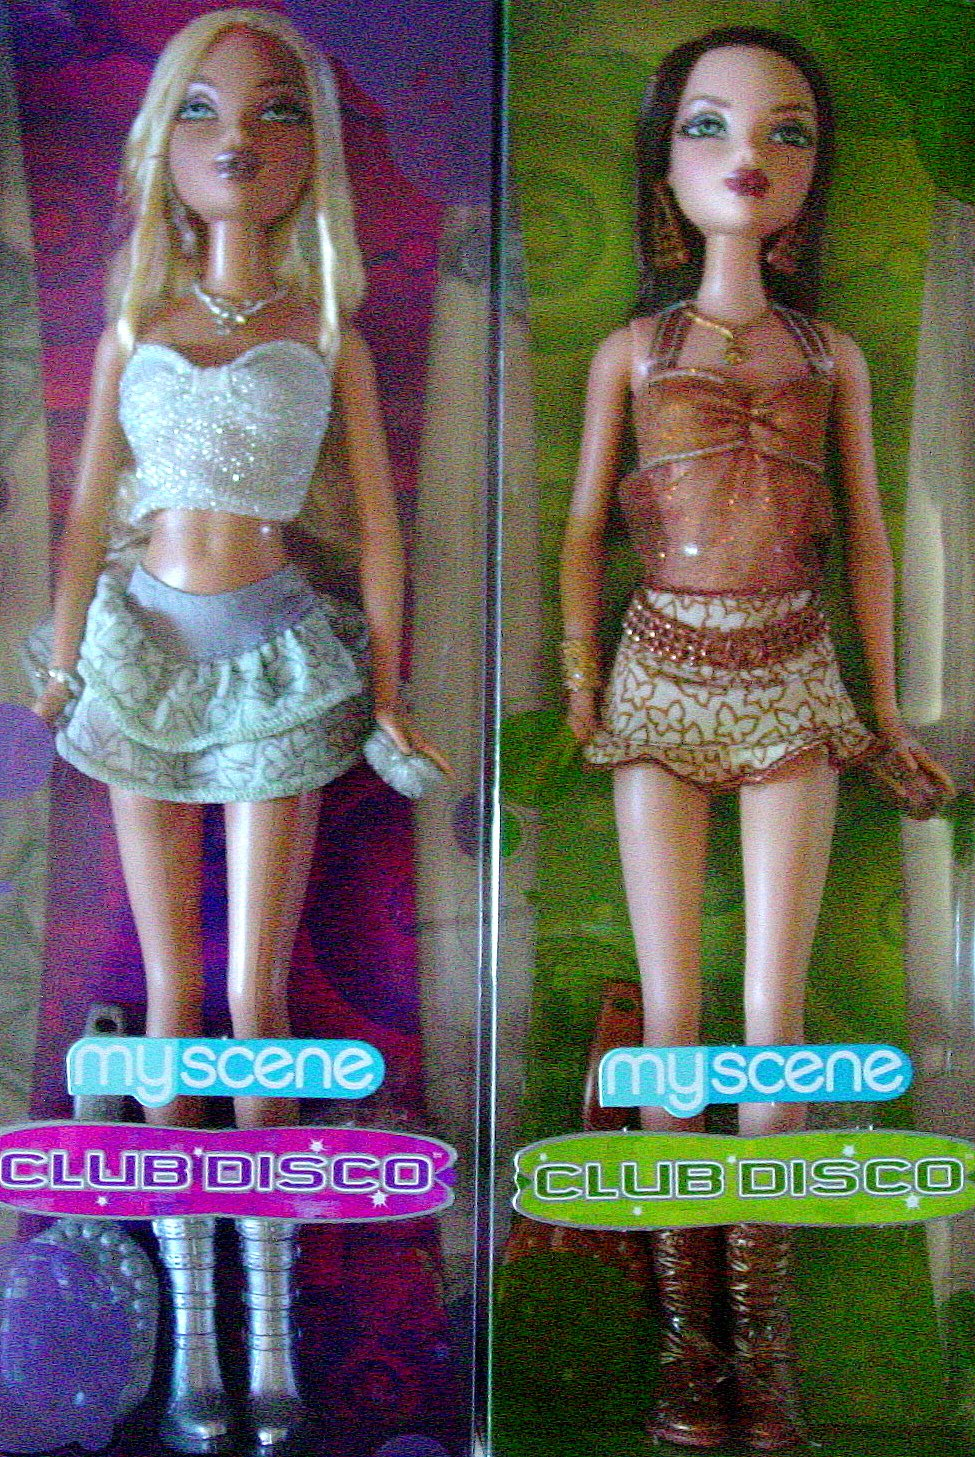 My Scene Club Disco Set Of Two Dolls Nib